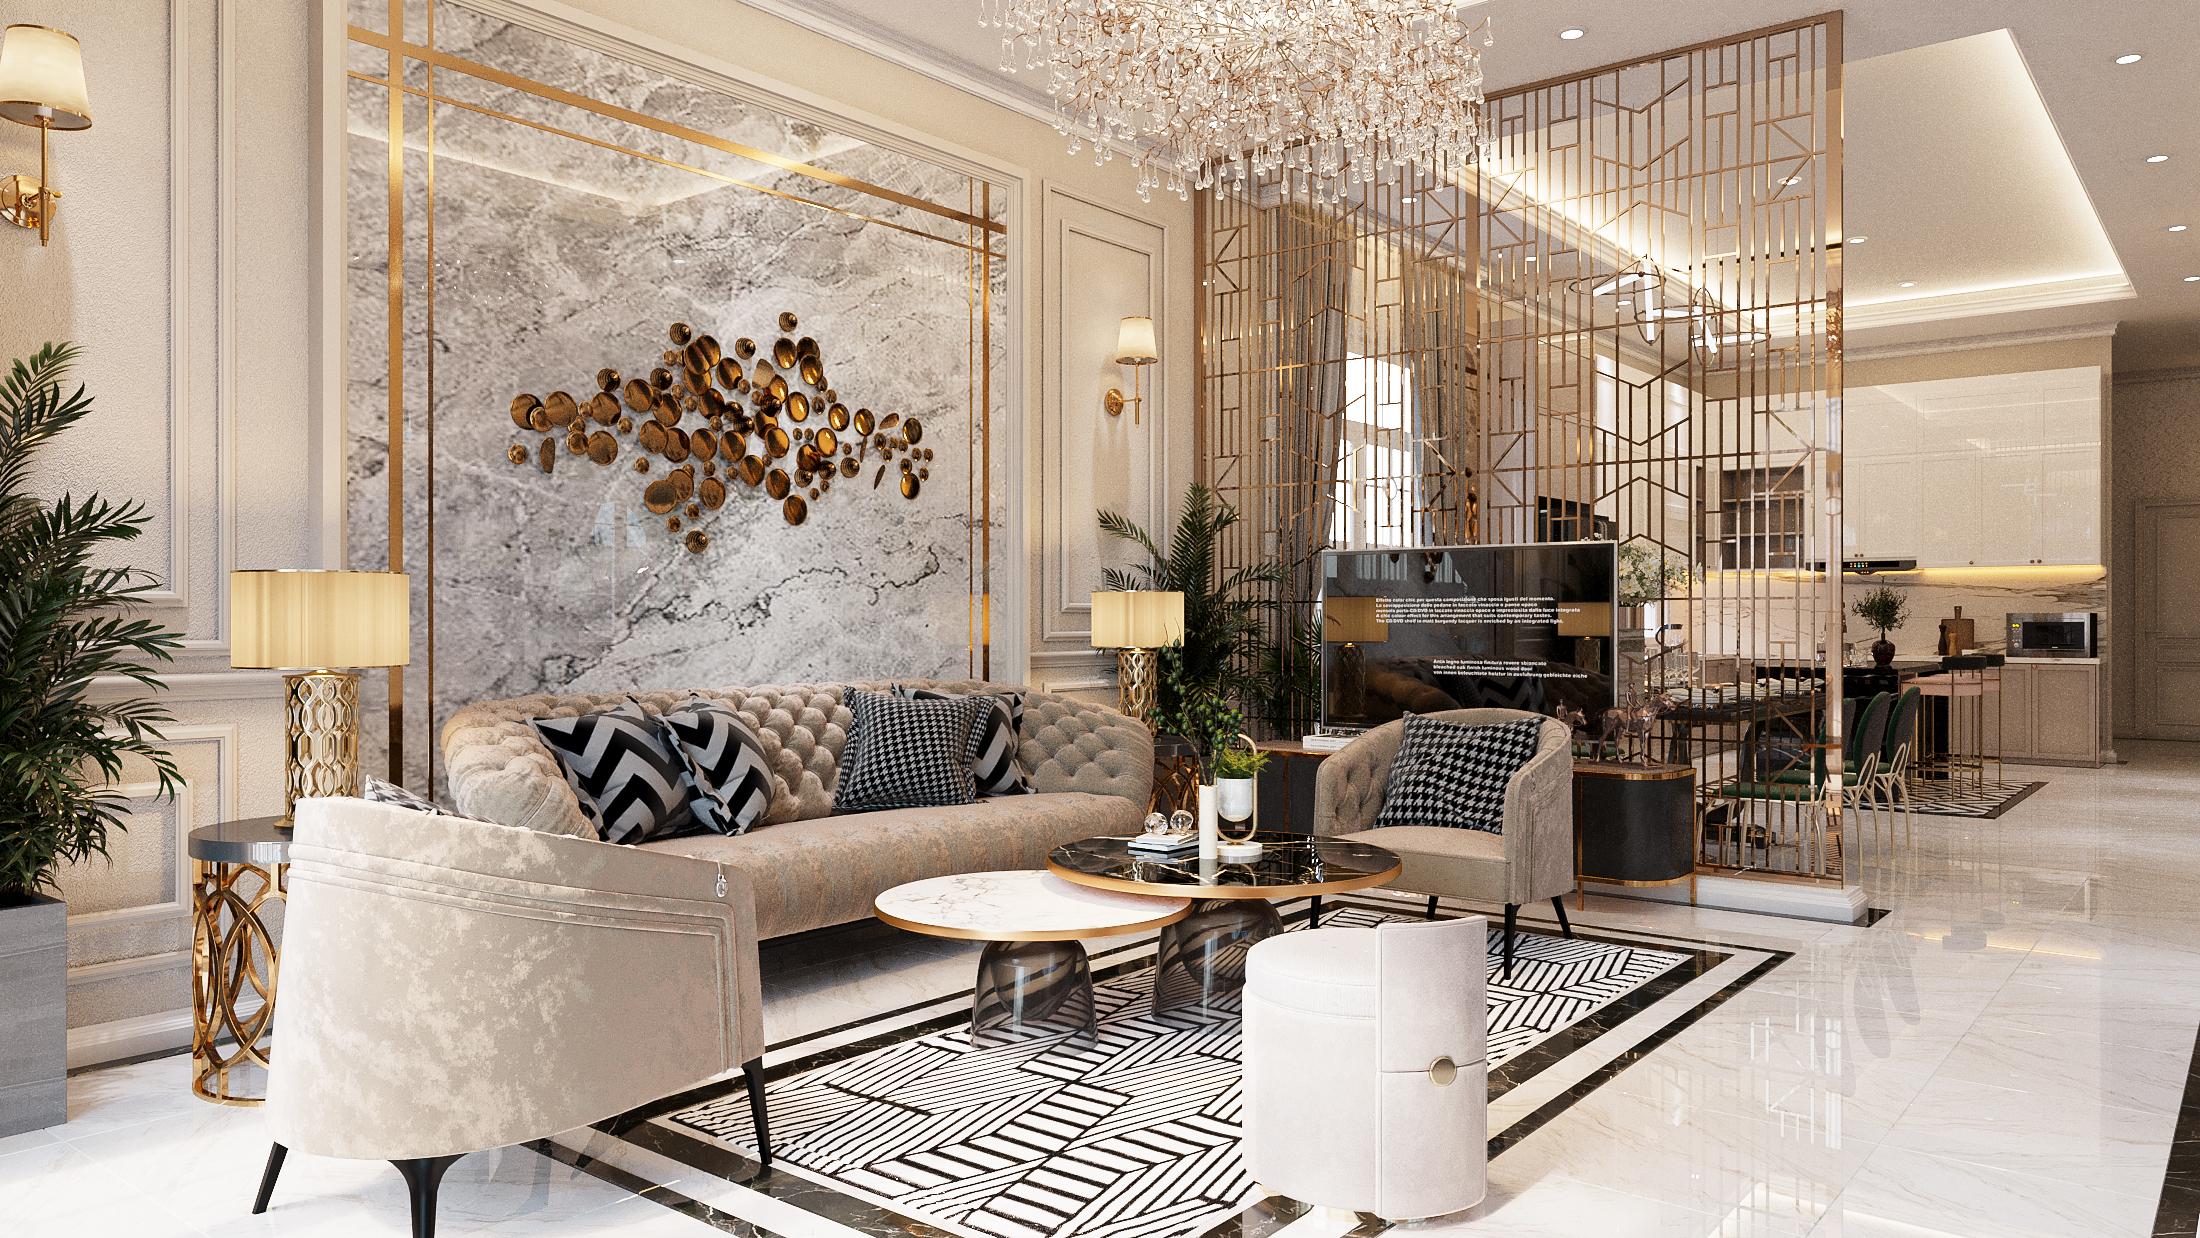 Thiết kế nội thất Biệt Thự tại Hồ Chí Minh NEO- CLASSICAL 1620877406 1